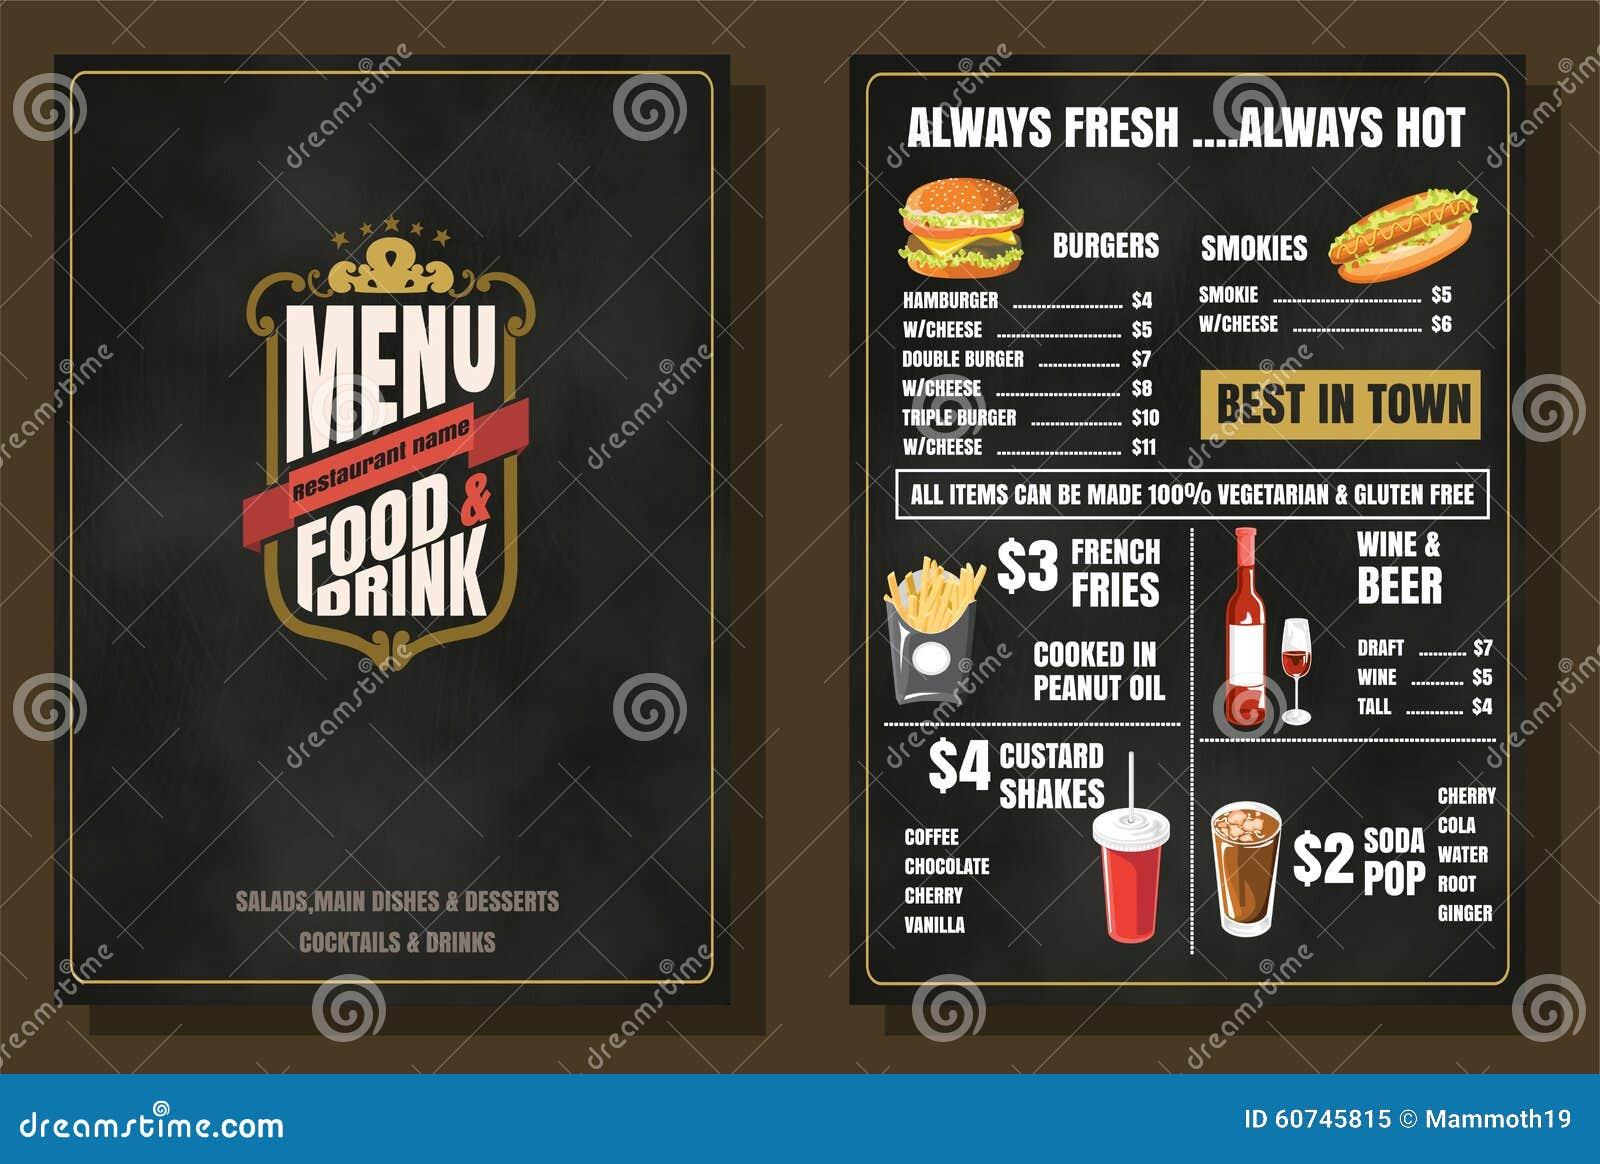 restaurant food menu vintage design with chalkboard